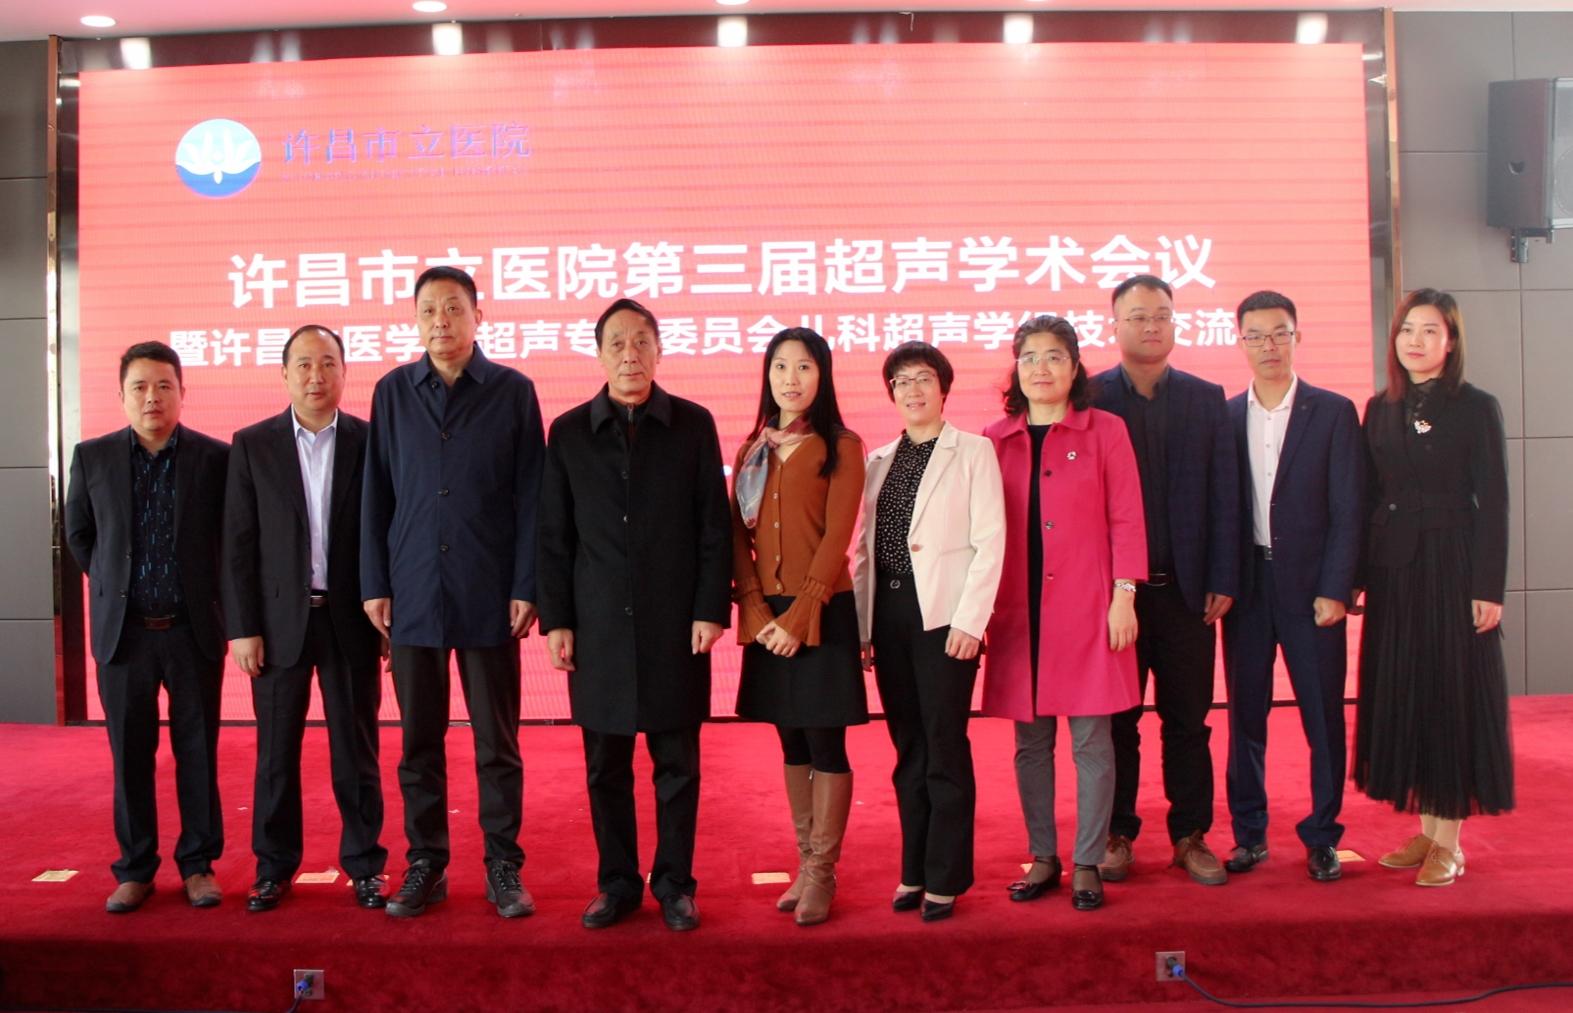 热烈祝贺许昌市立医院第三届超声学术会议圆满成功